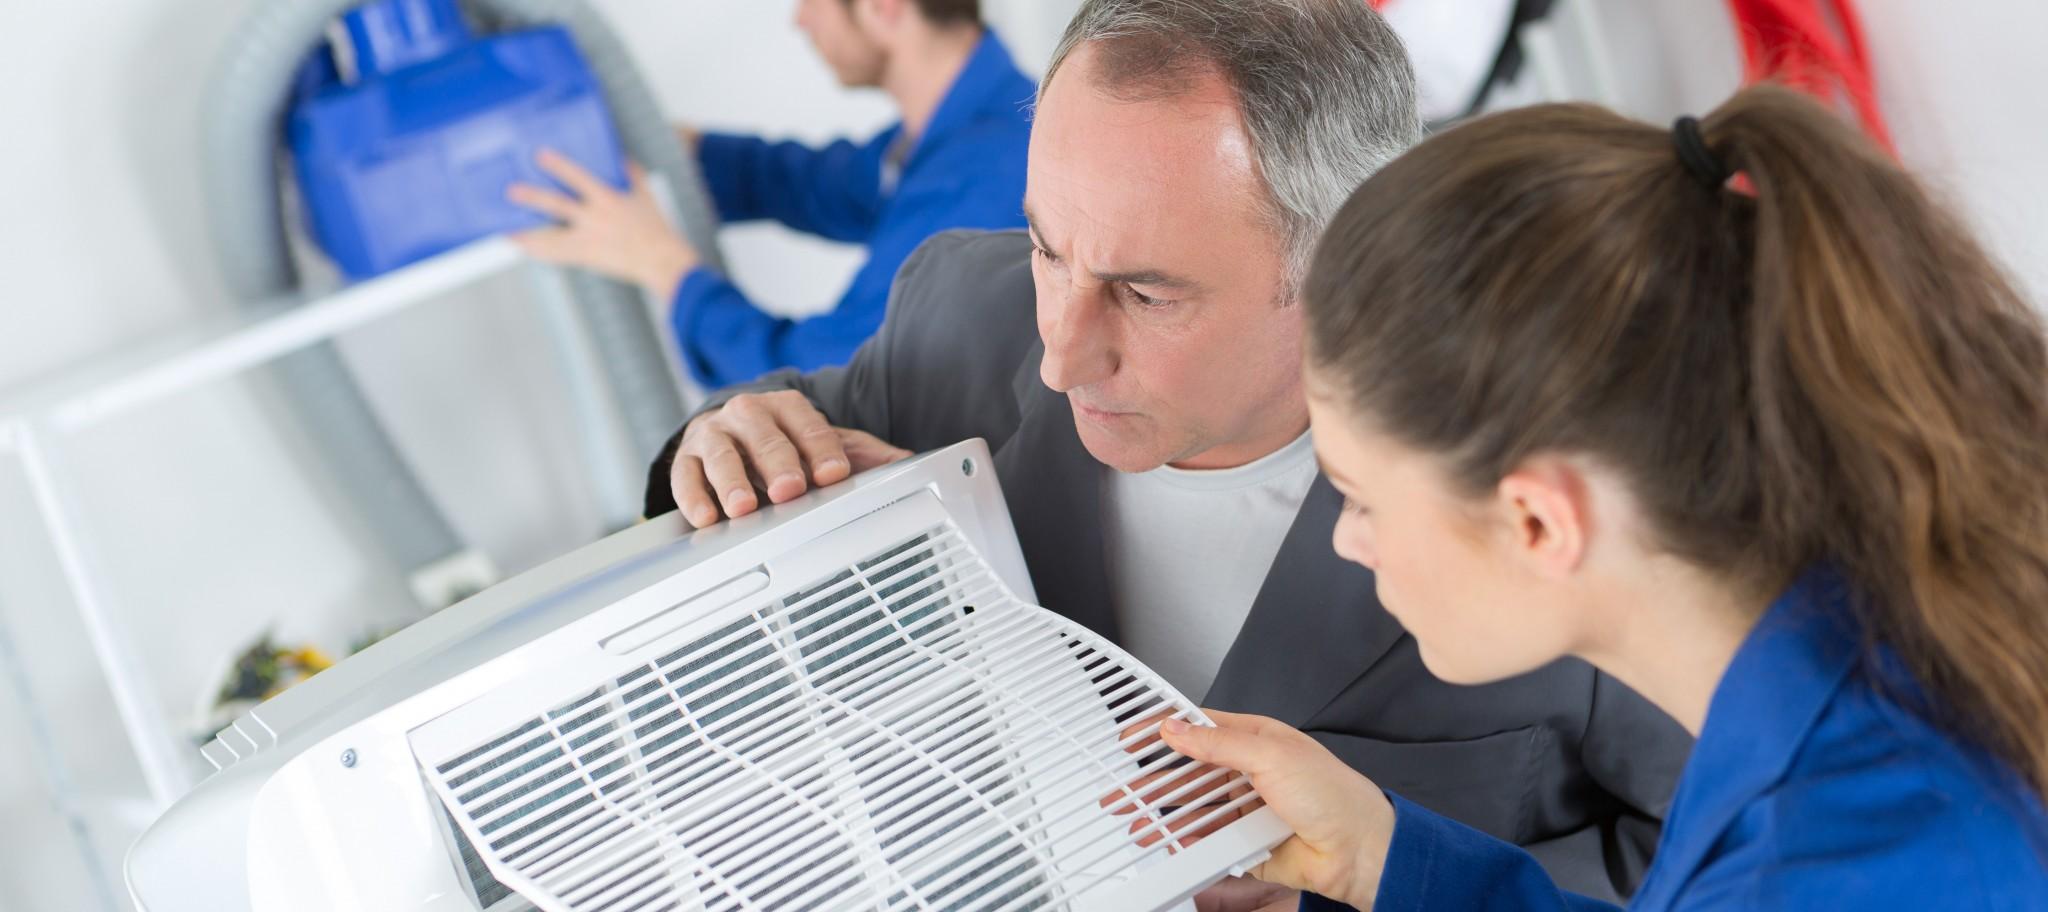 Nueva Escuela de Aprendices: Instalaciones térmicas en edificios